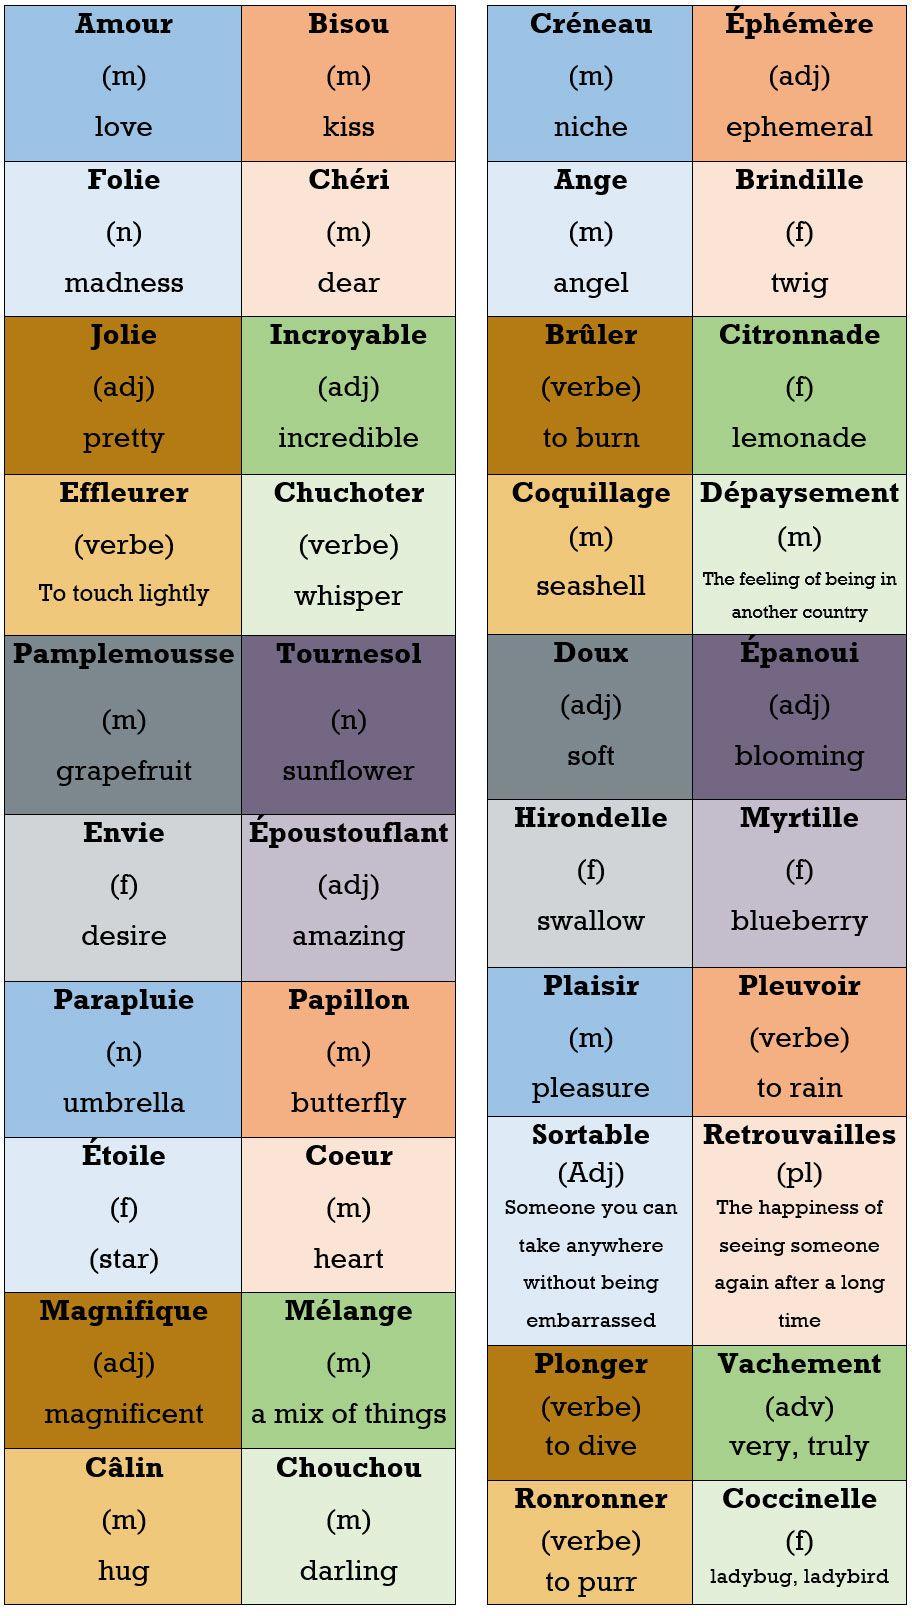 40 Les Plus Beaux Mots De La Langue Francaise The 40 Most Beautiful French Words Apprendre L Anglais Les Plus Beaux Mots Cours Anglais